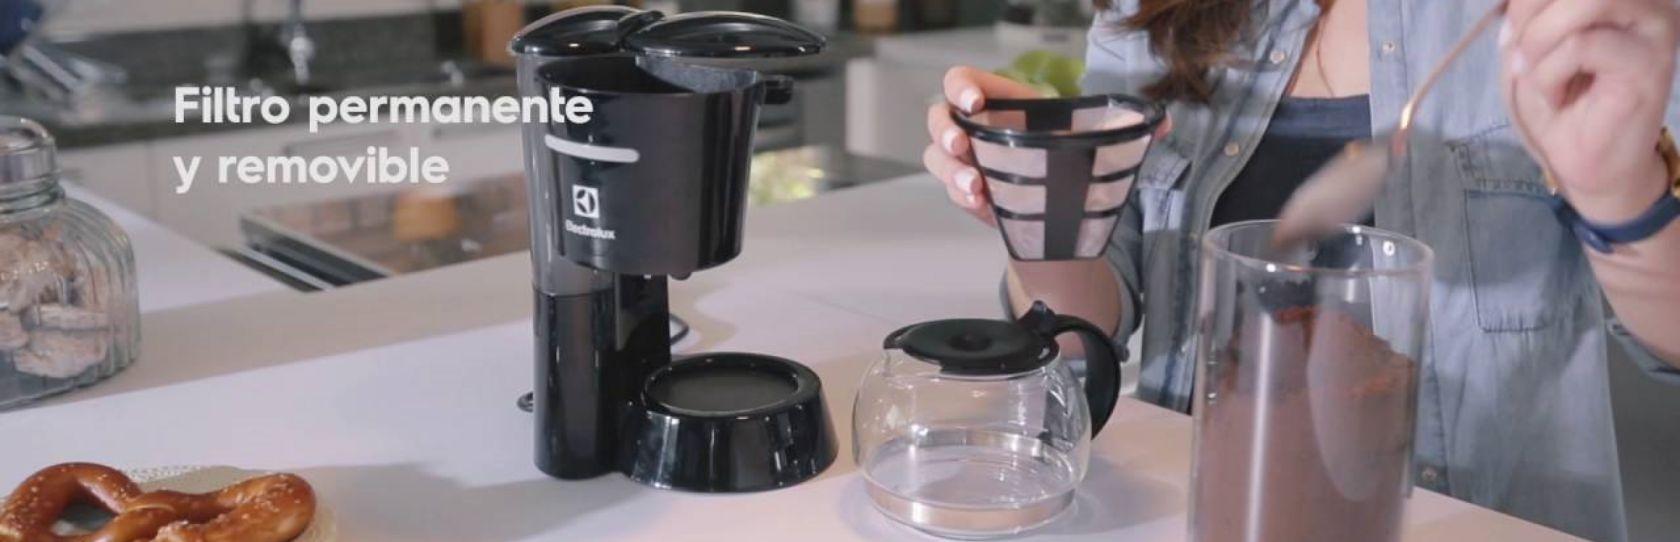 Cafetera semi automática Electrolux CMB31